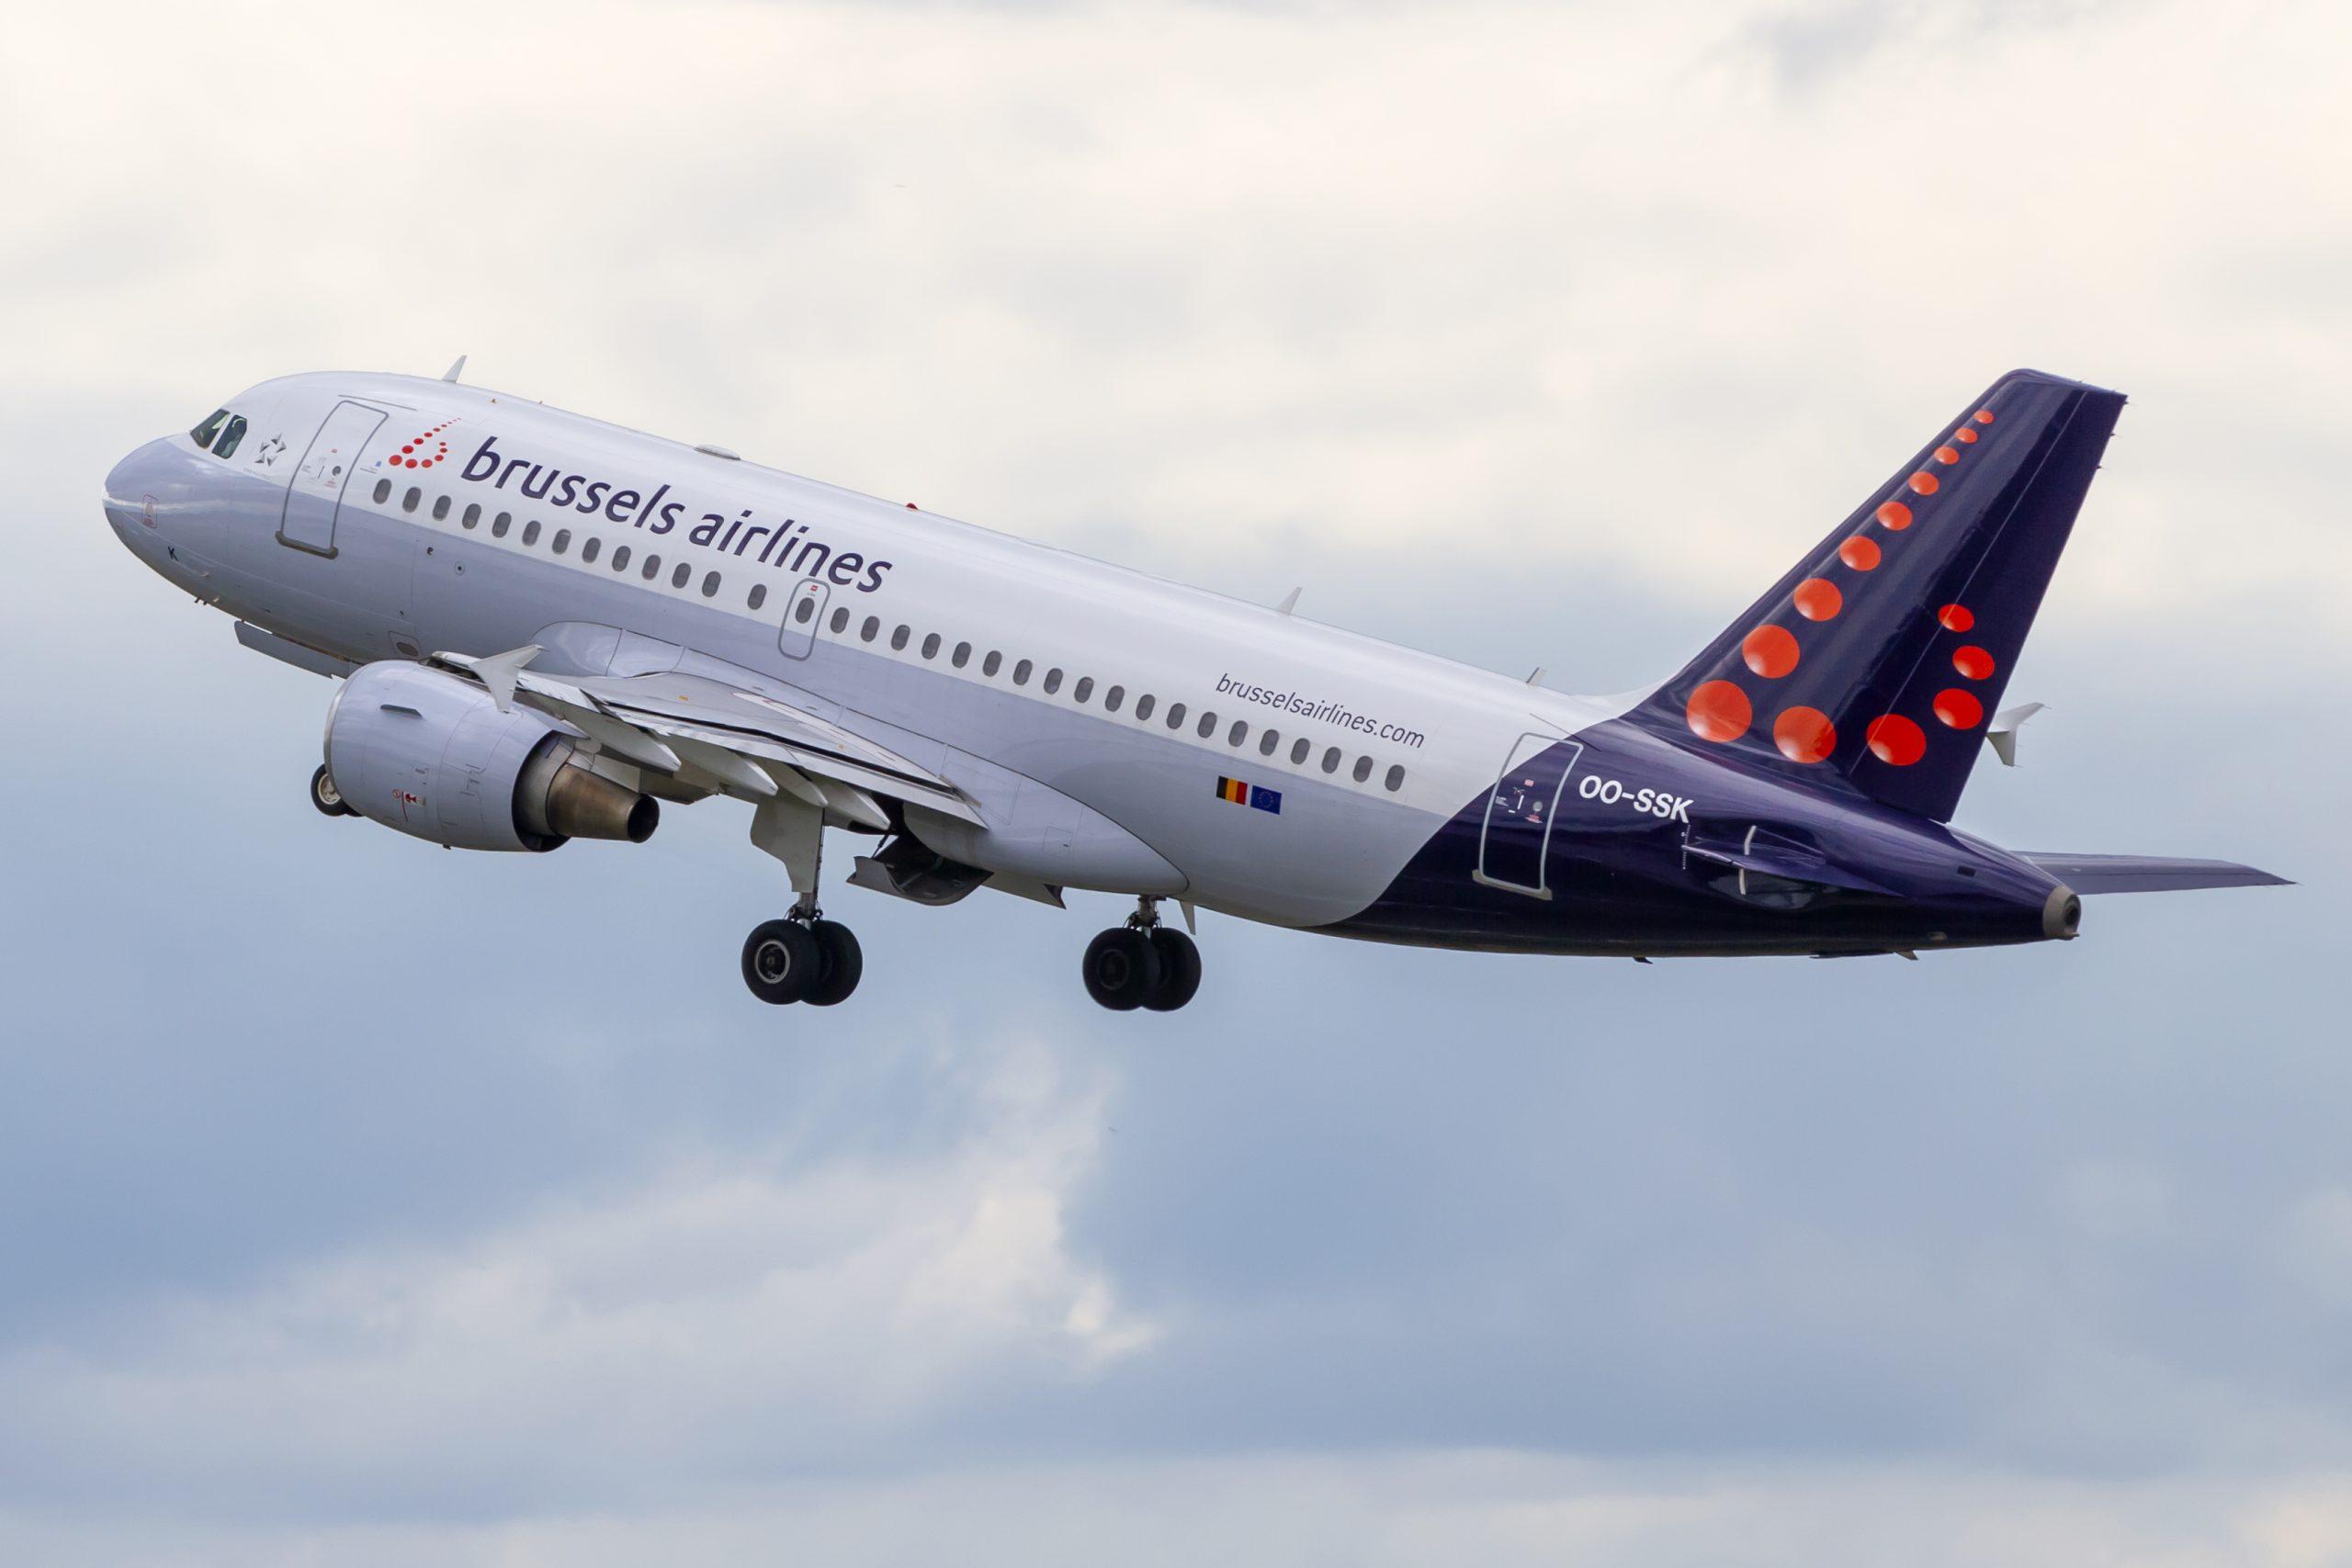 En Airbus A319-100 fra Brussels Airlines. Foto: © Thorbjørn Brunander Sund, Danish Aviation Photo